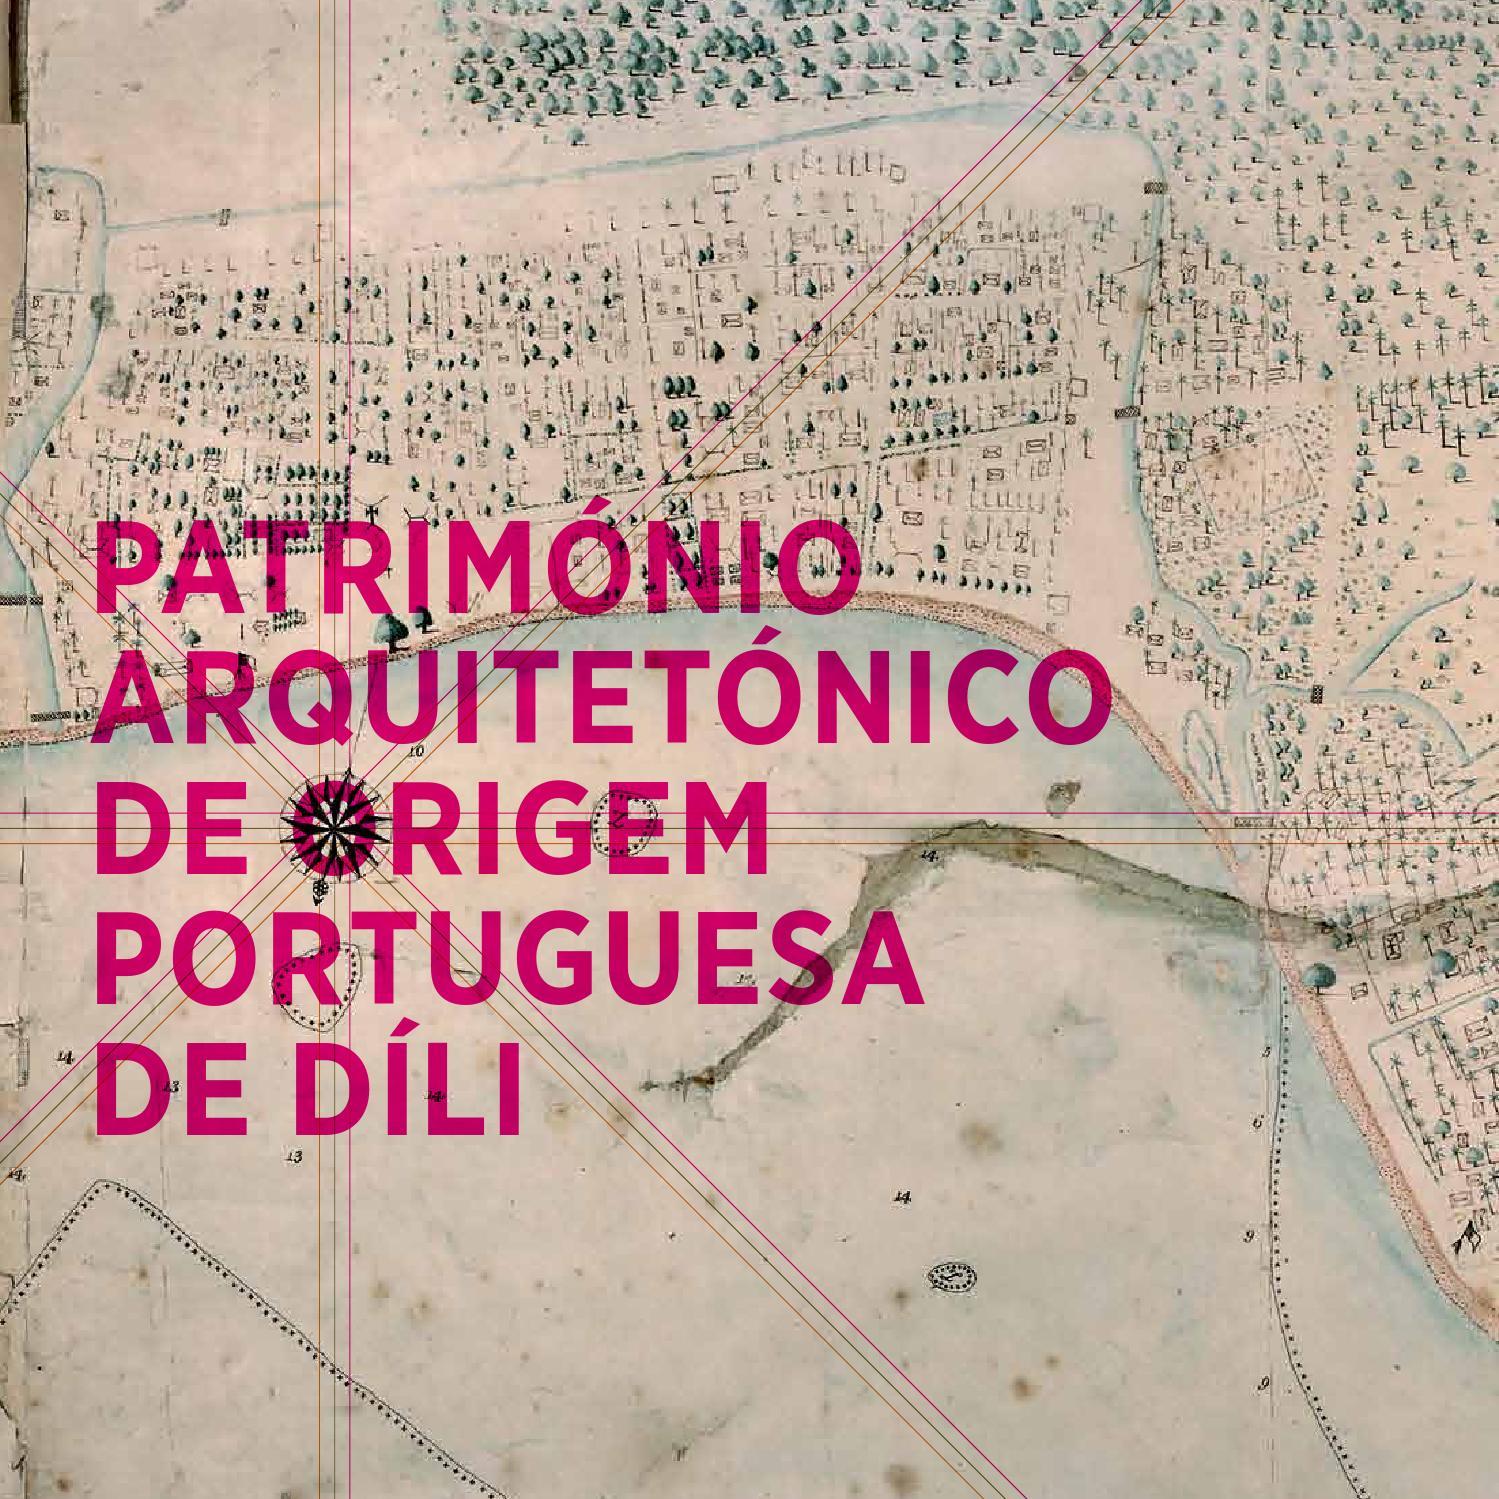 Sei Di Ponte Nossa Se dili's architectural heritage of portuguese origins by